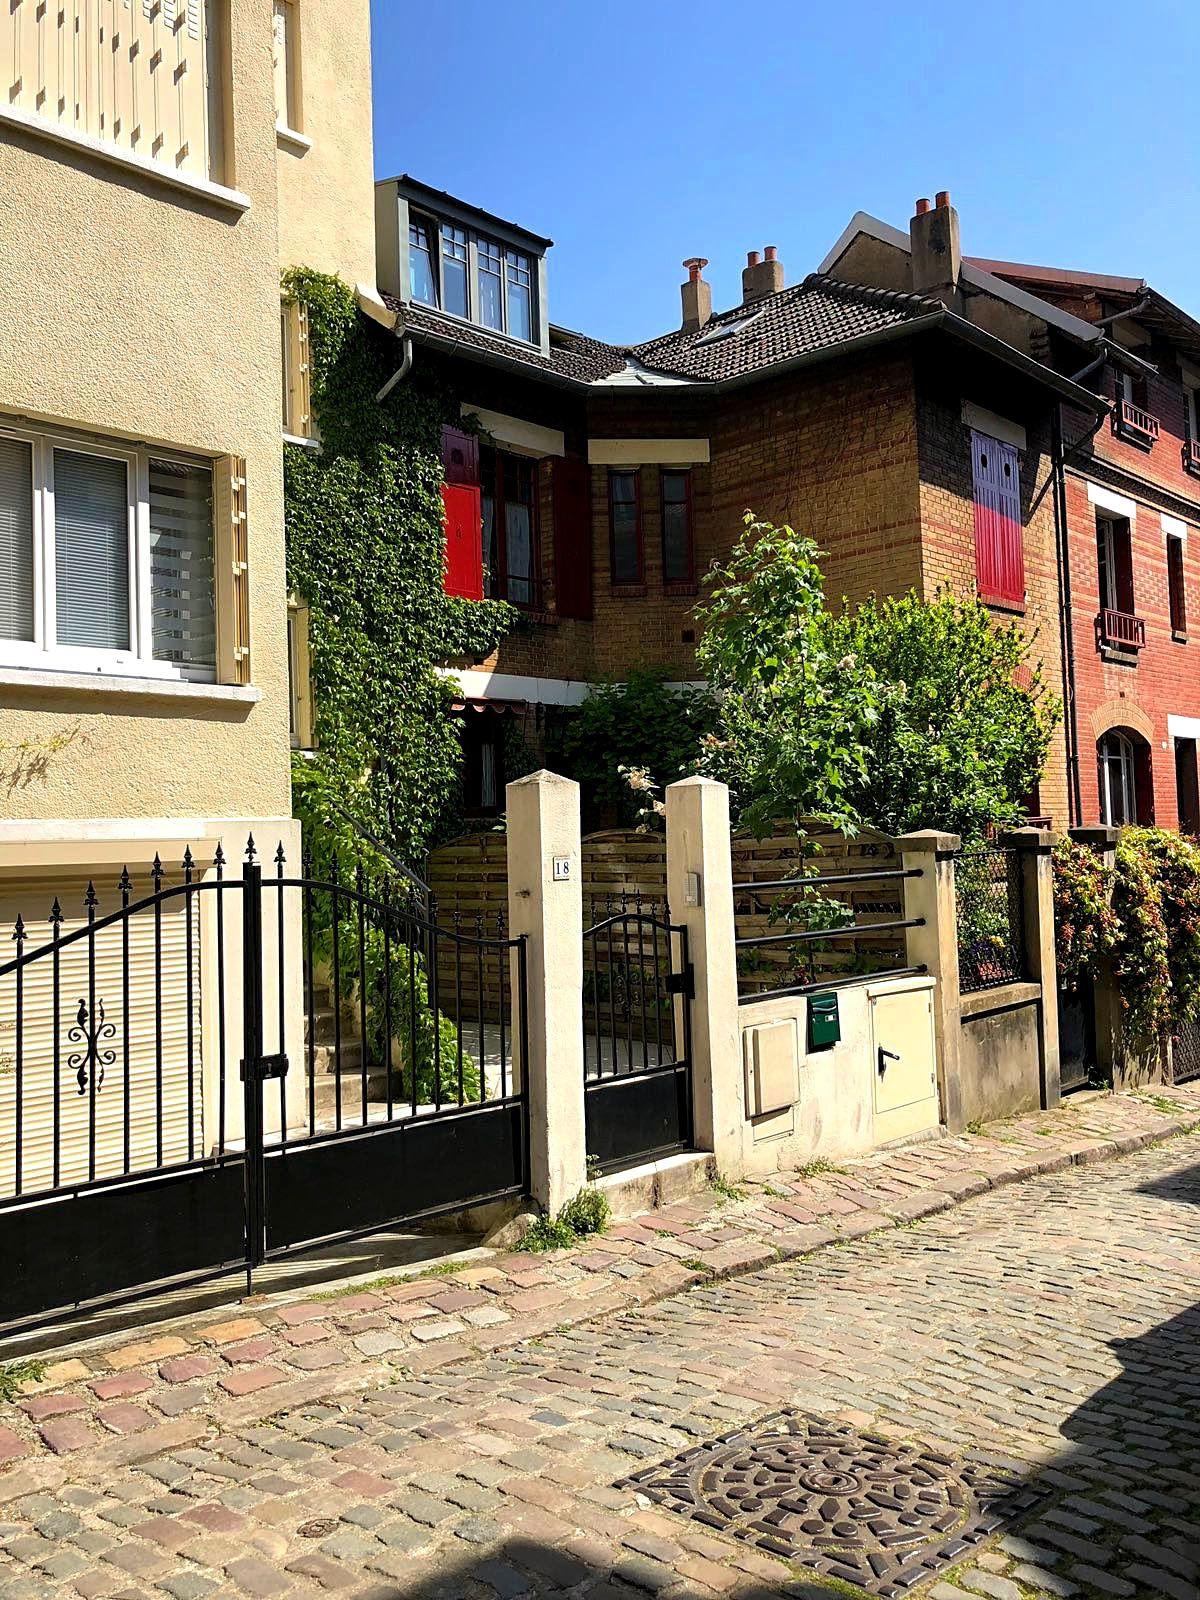 Week-End Parisien...Une campagne à Paris, 14ème arrondissement (3)